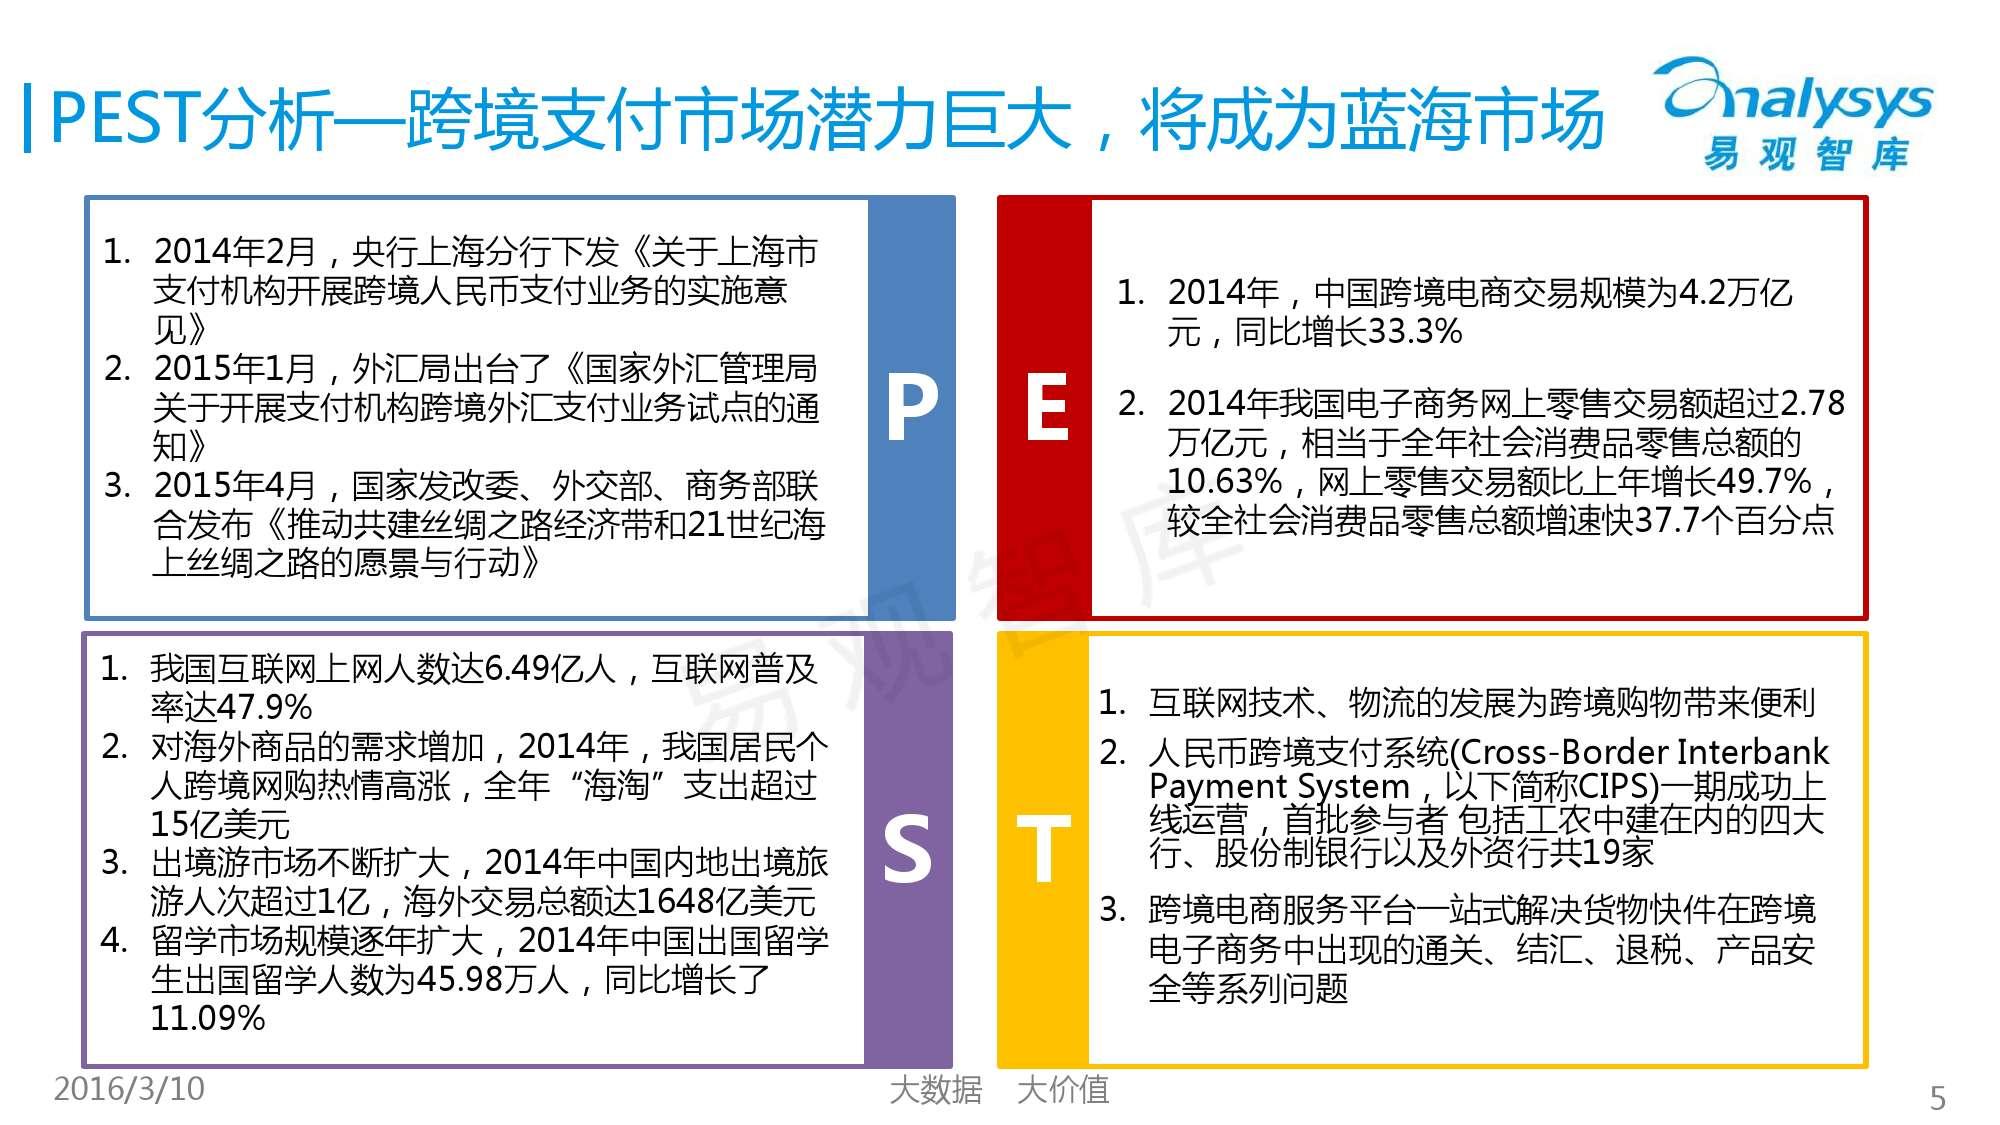 中国跨境支付市场专题研究报告2016_000005